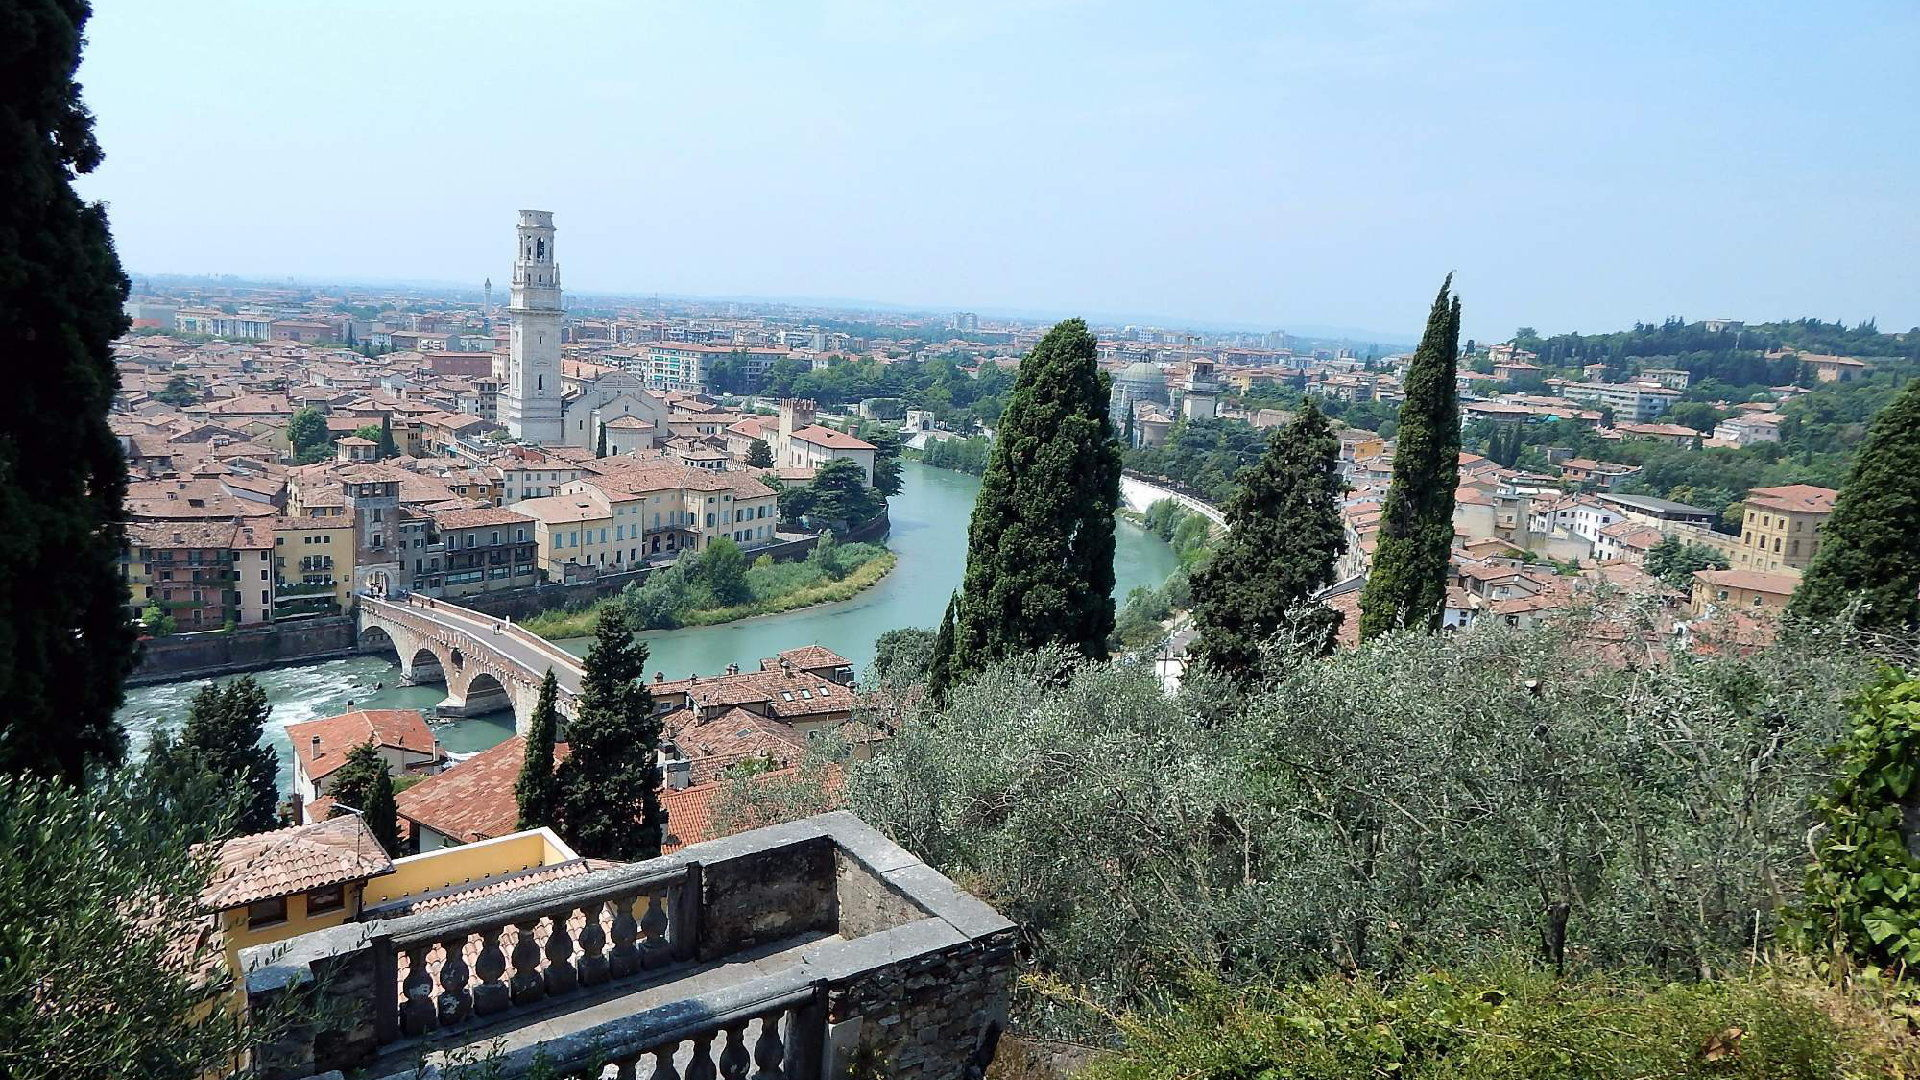 Verona v Itálii – Památky a kompletní průvodce městem